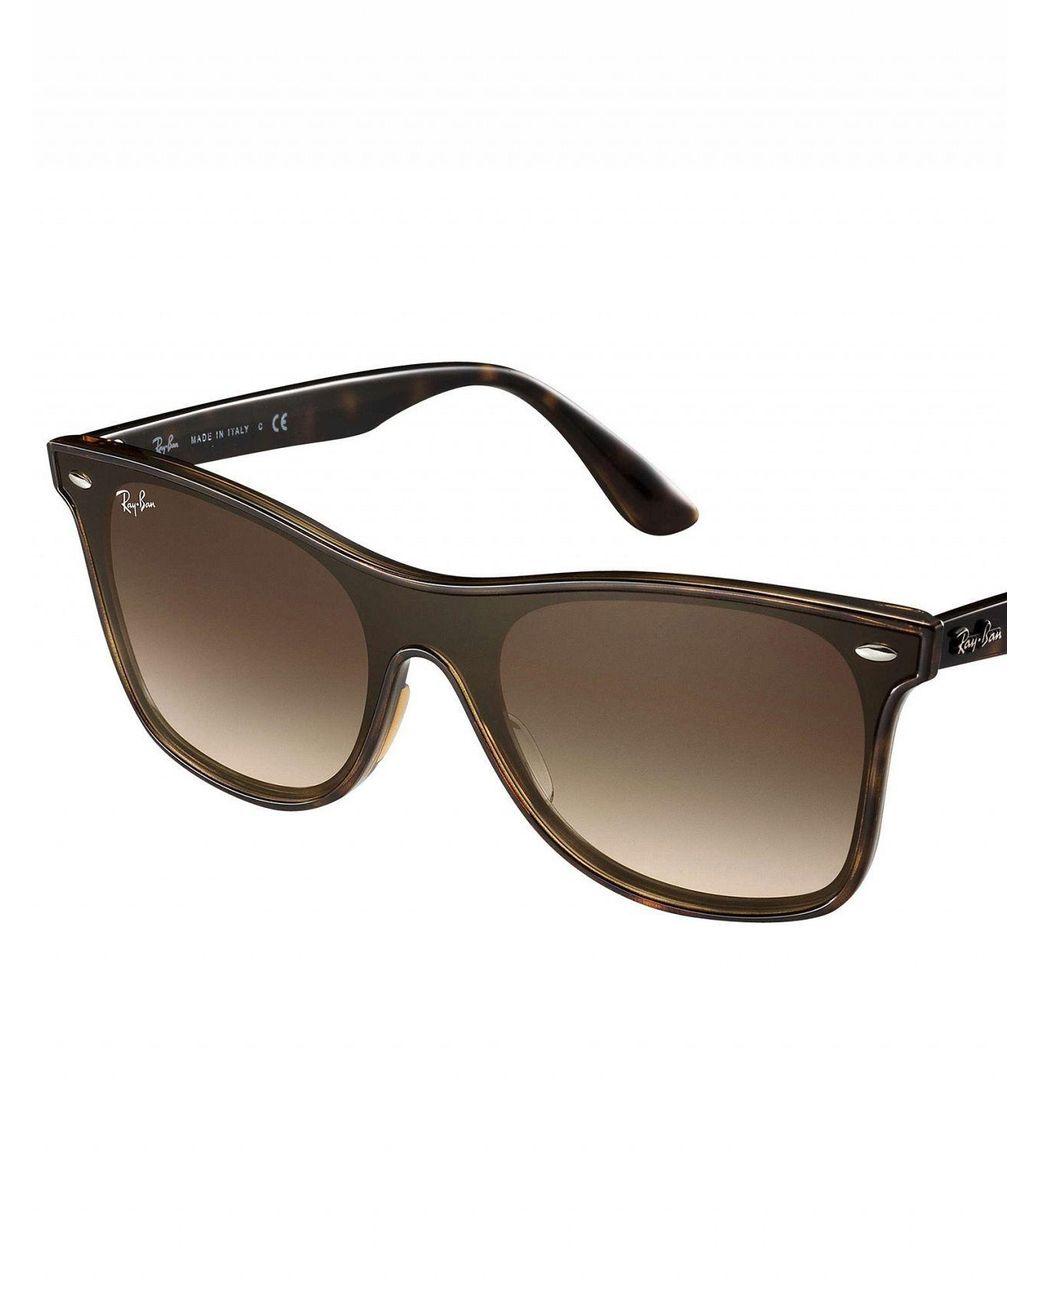 dc57e2470bb90 Ray-Ban Tortoise Rb4440n Blaze Wayfarer Sunglasses in Brown for Men - Lyst